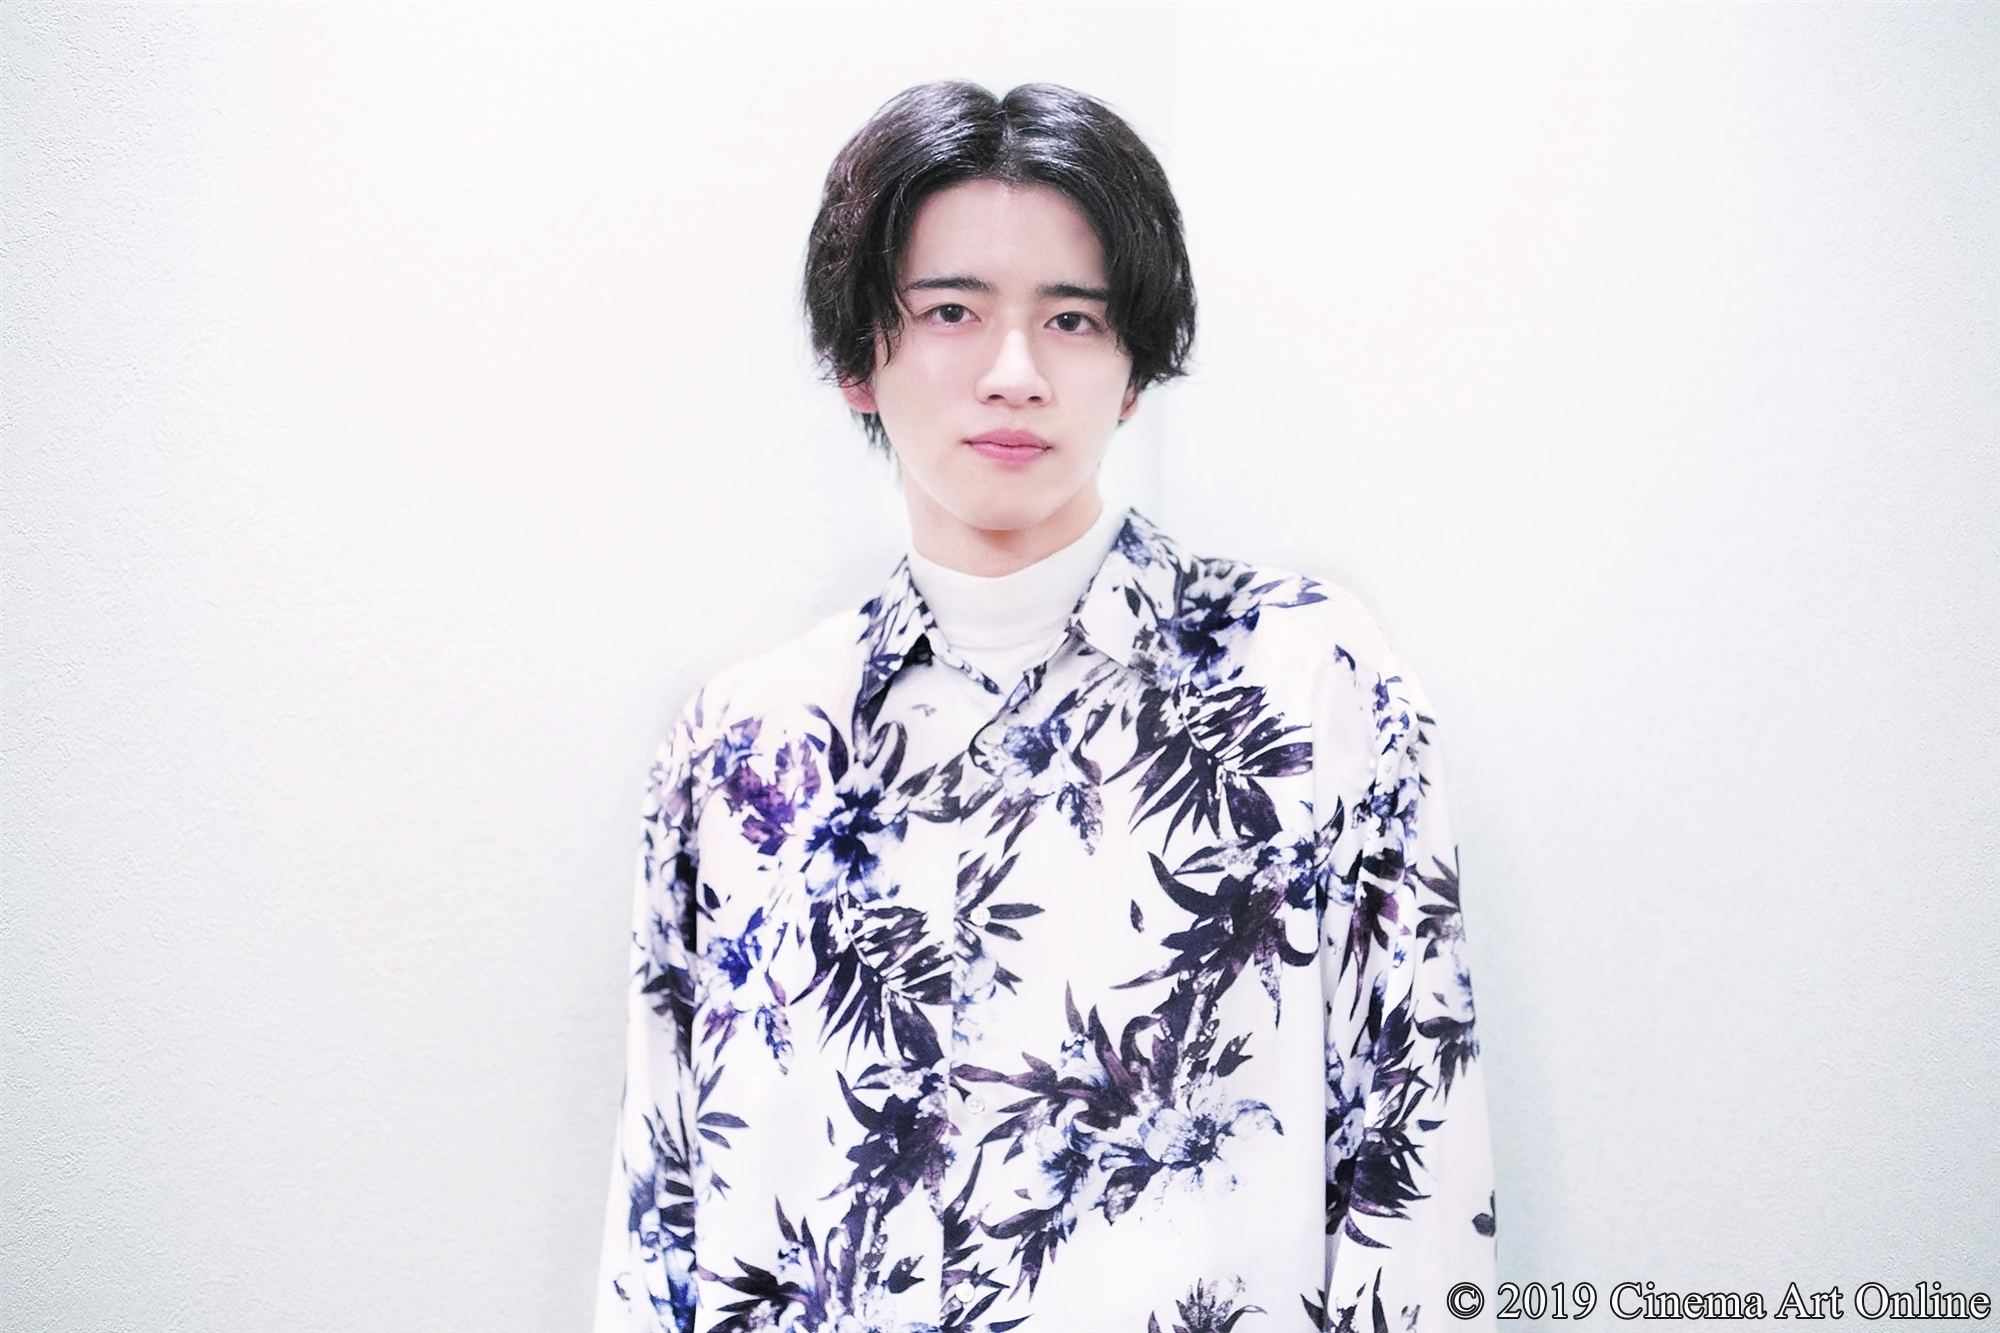 【写真】飯島寛騎 (Hiroki Iijima)